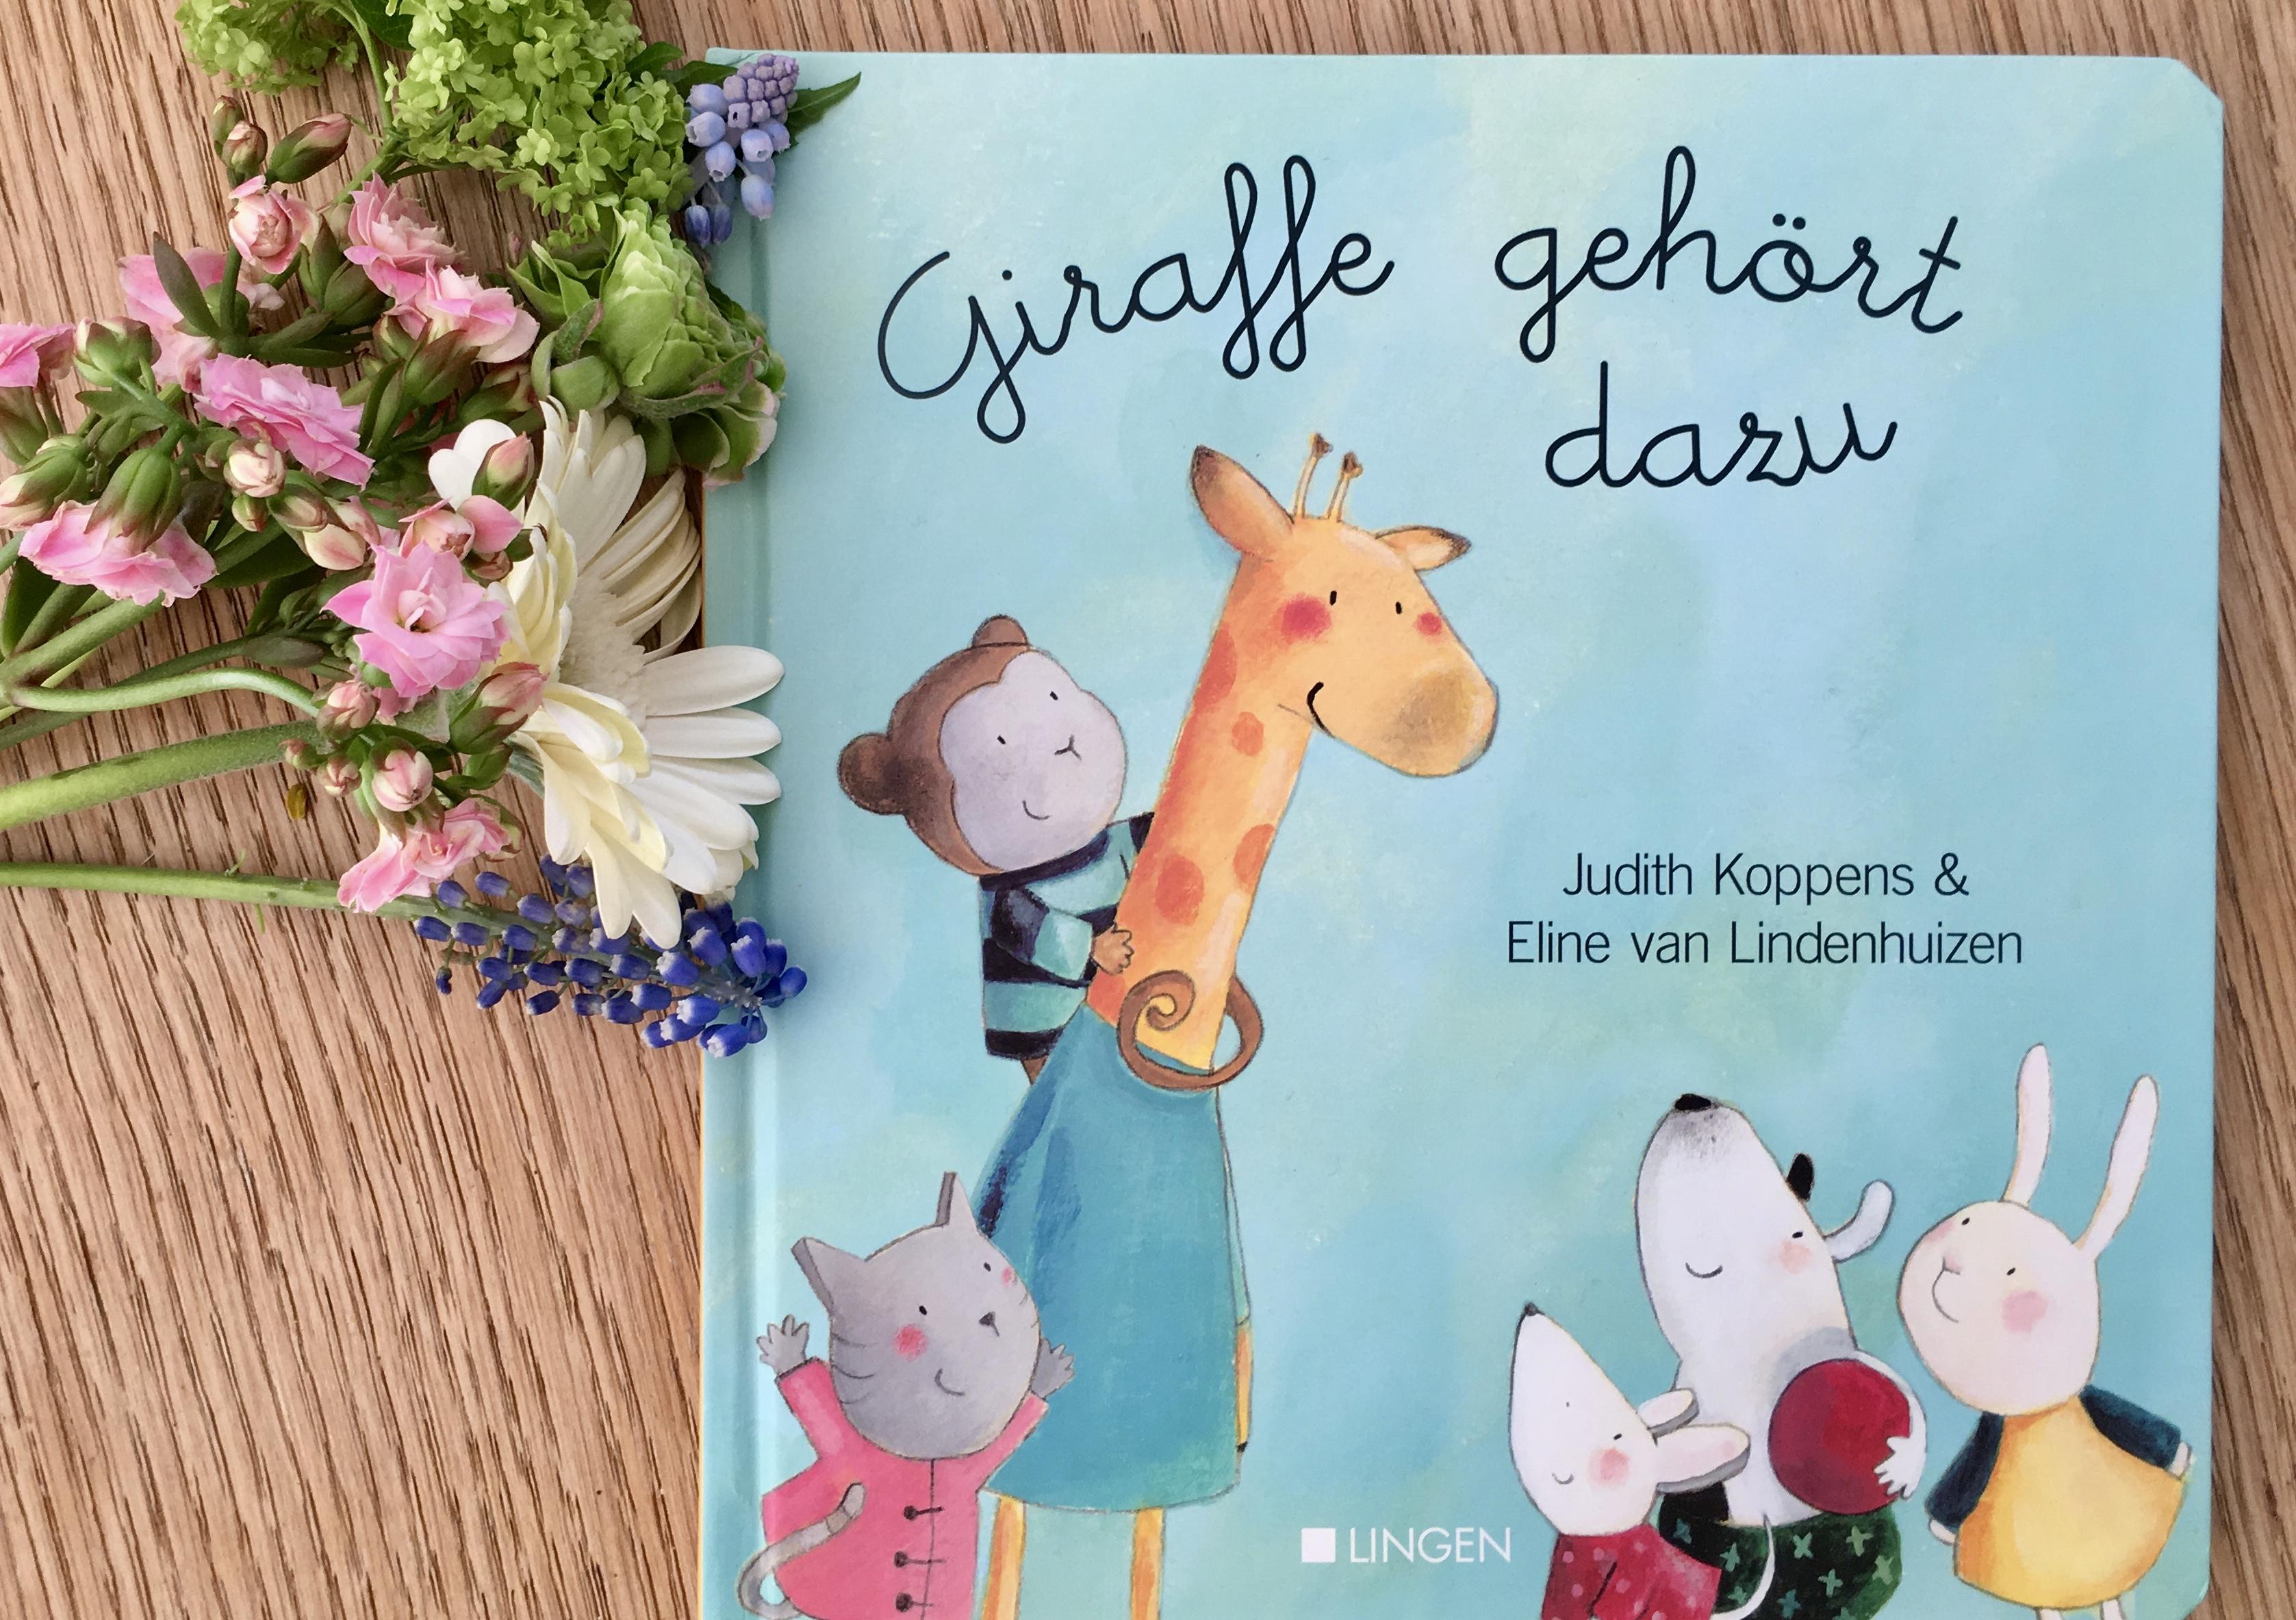 Giraffe gehört dazu von Judith Koppens (Text) und Eline van Lindenhuizen (Illustration)